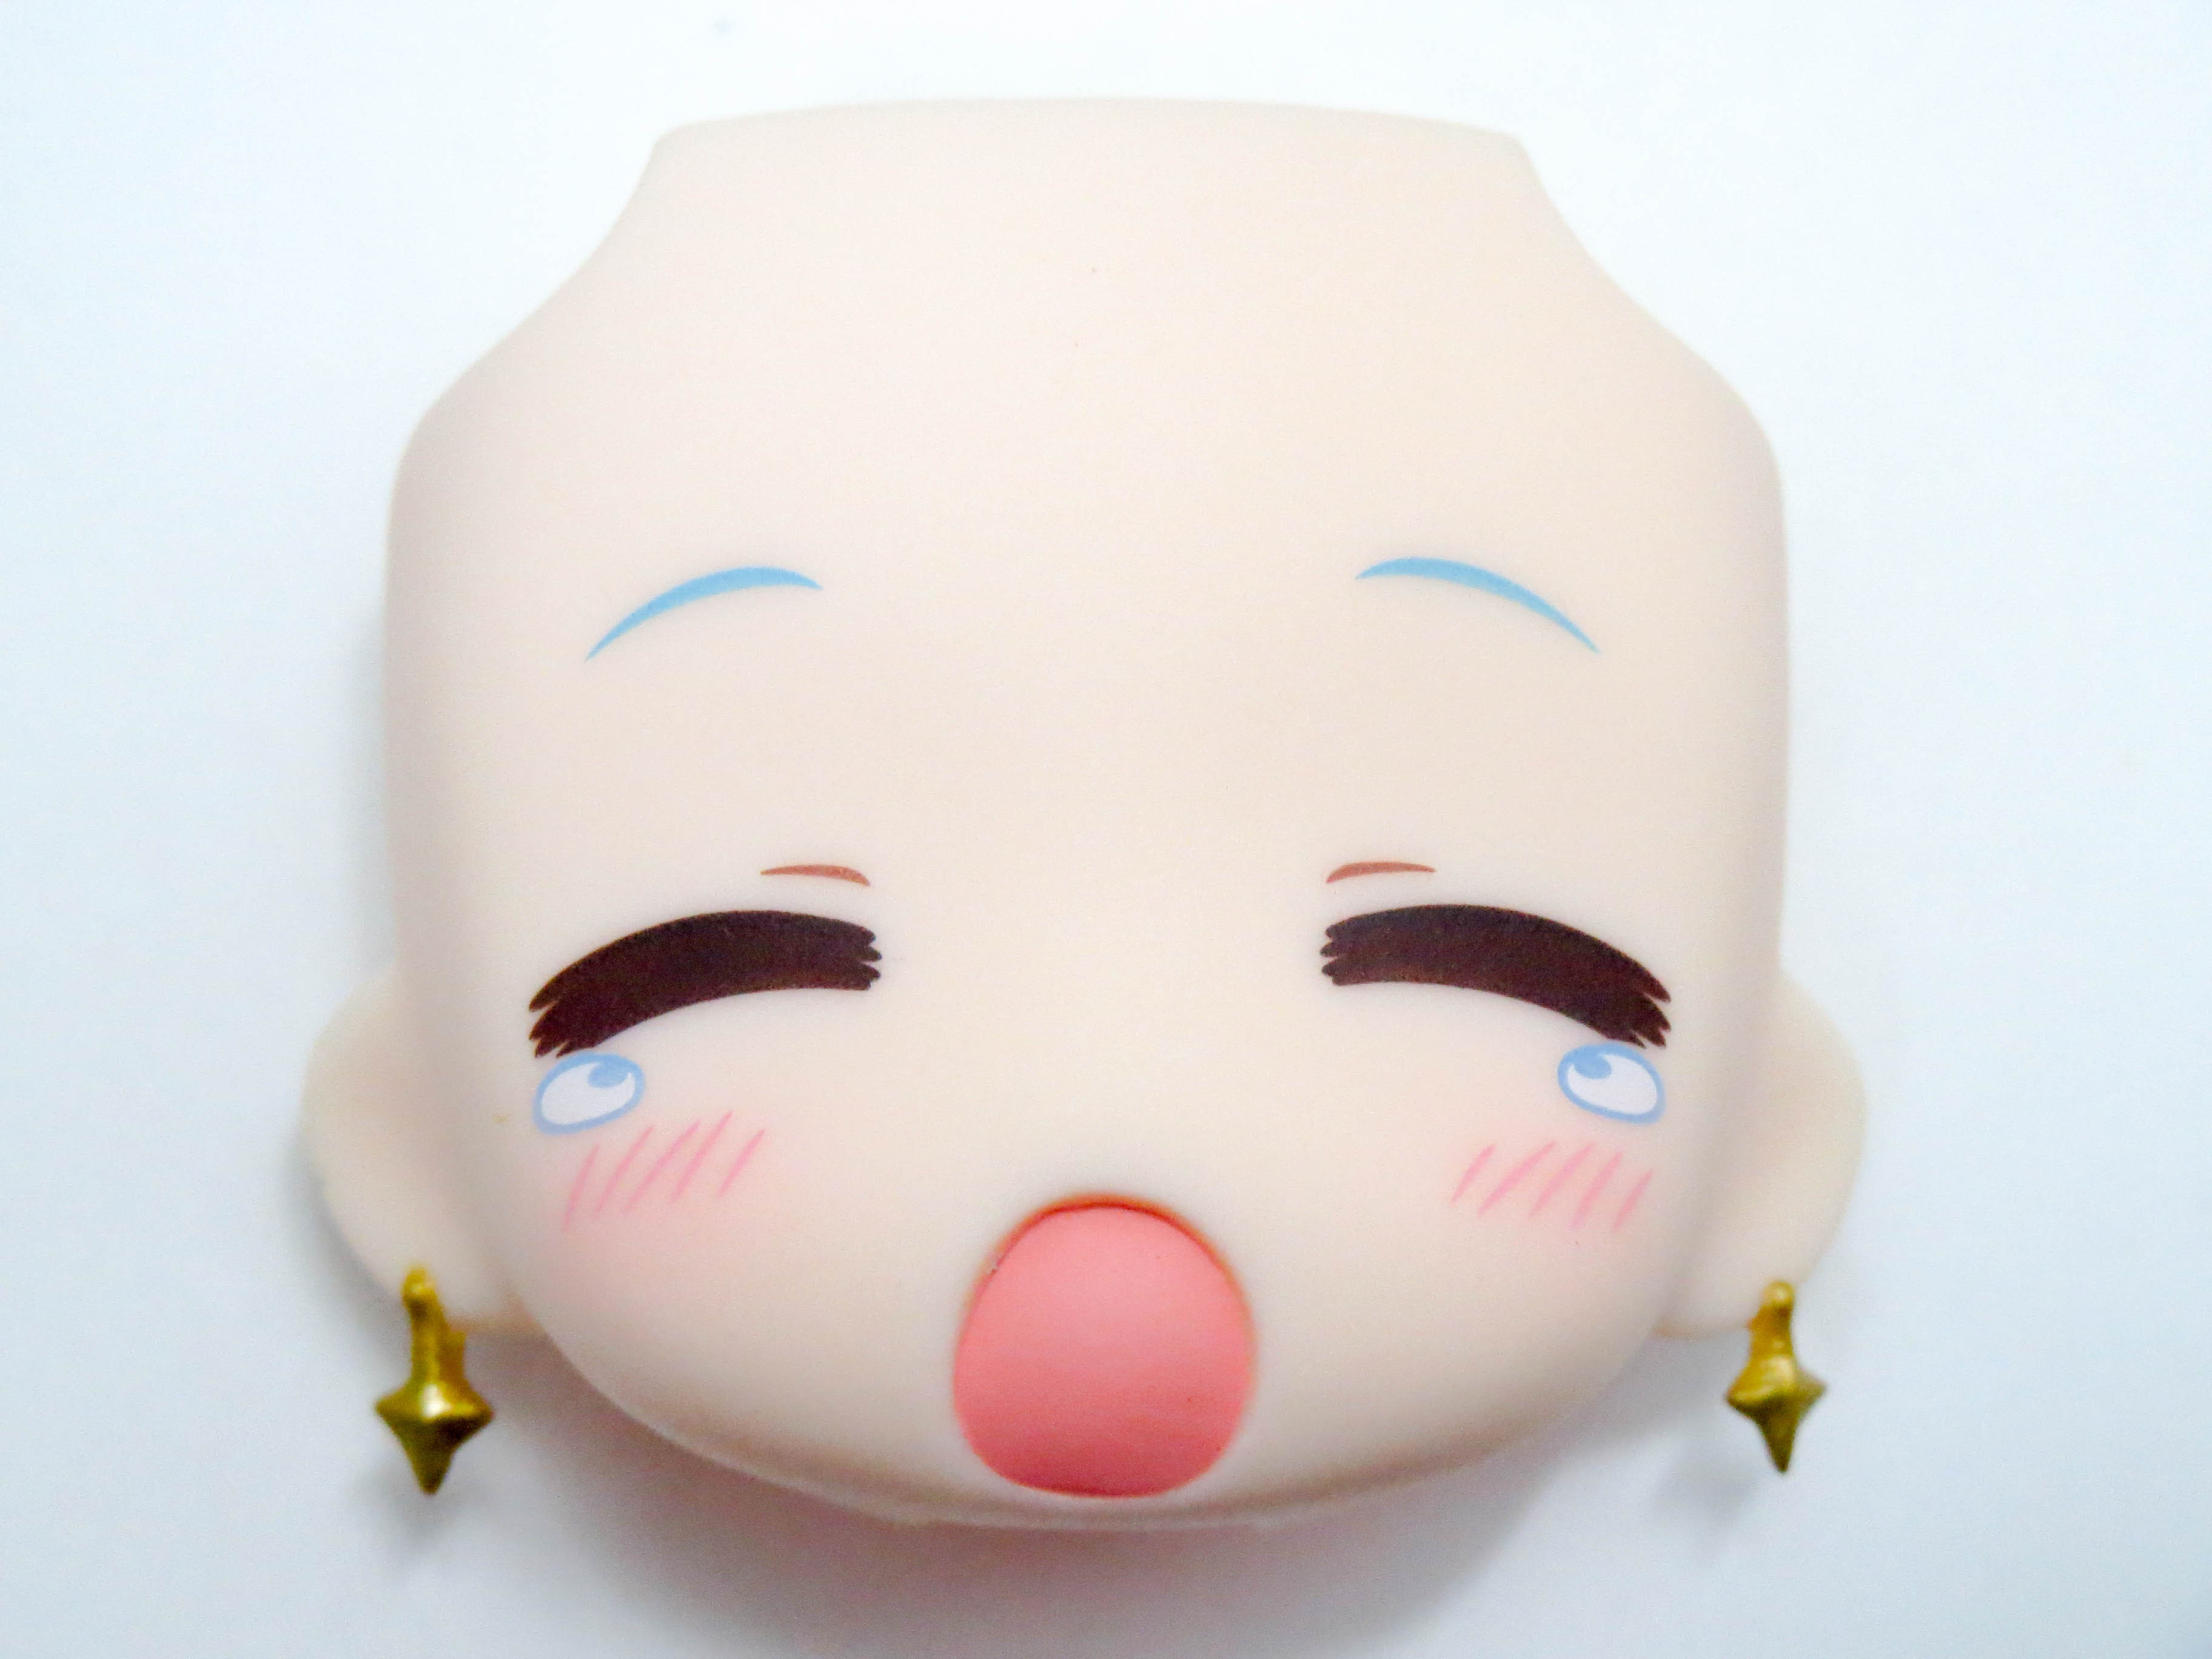 再入荷【701】 雪ミク Twinkle Snow Ver. 顔パーツ おねむ顔 ねんどろいど